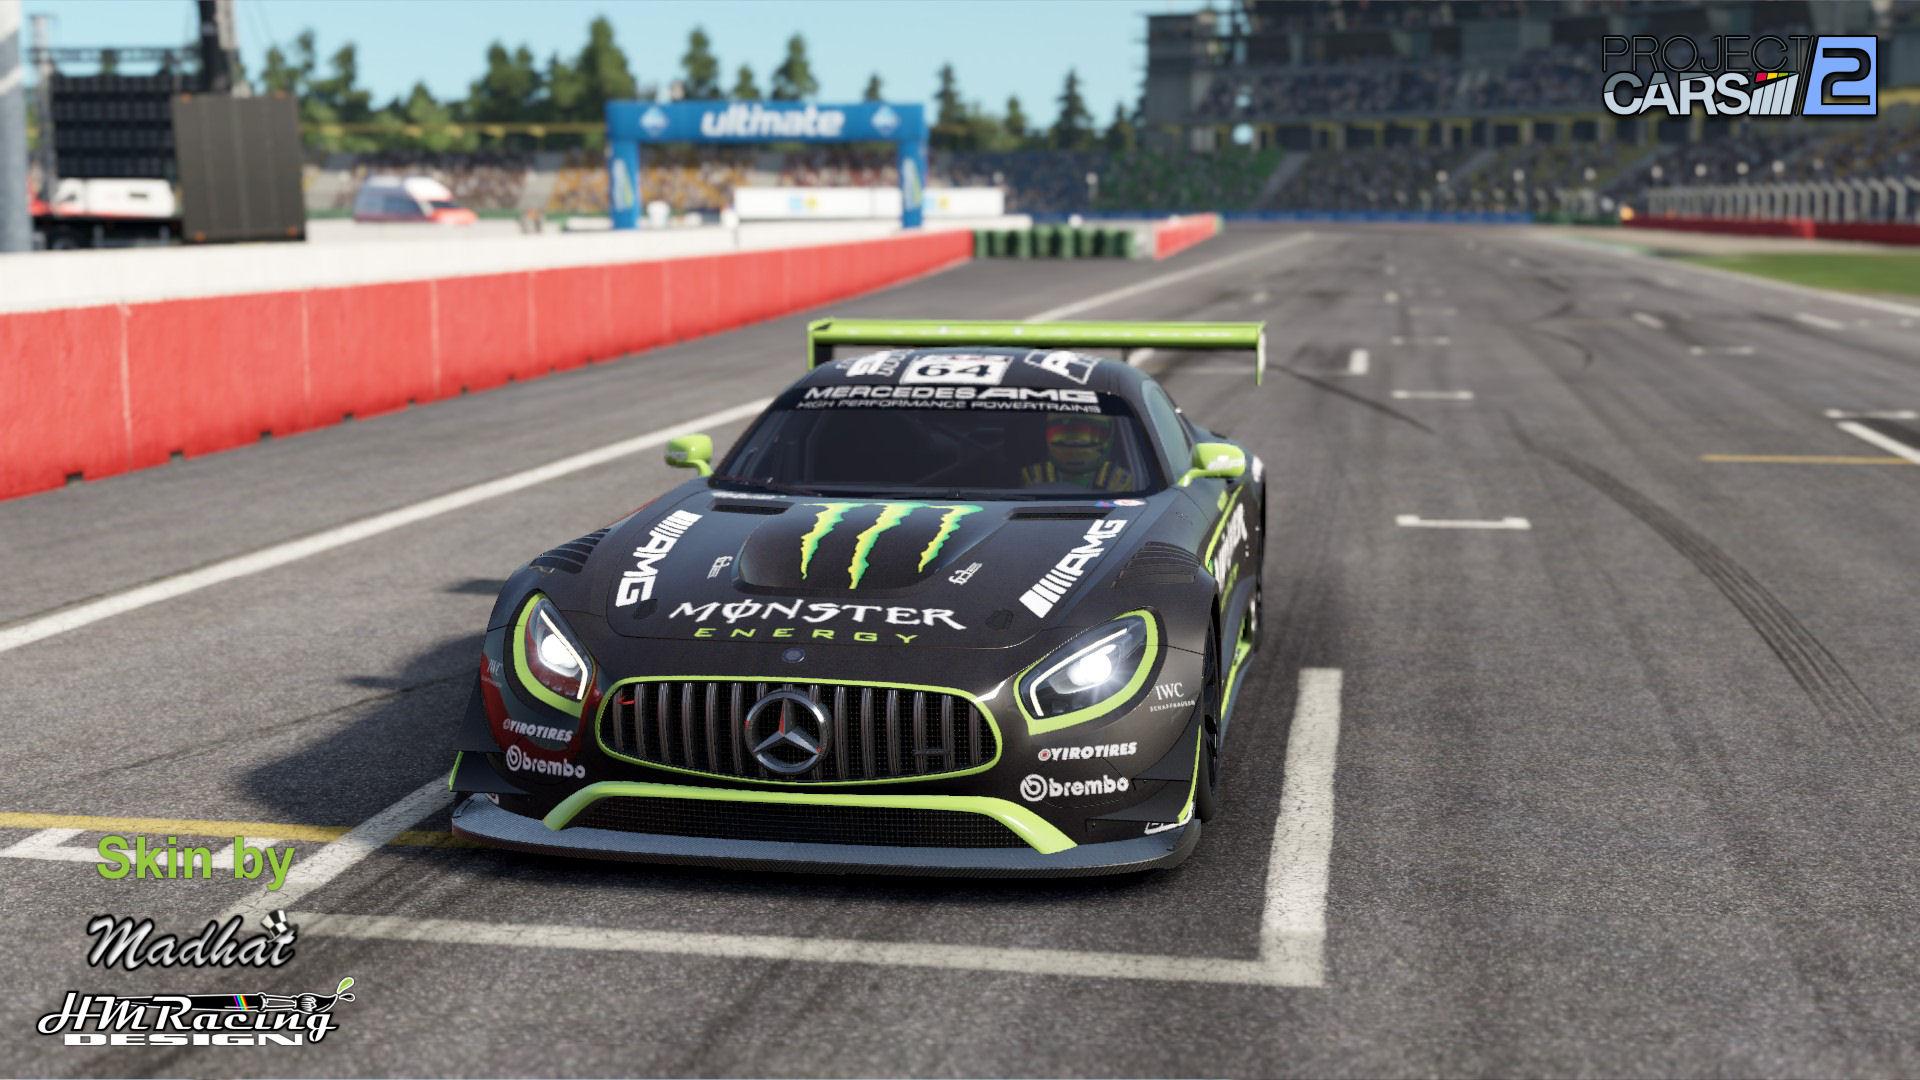 Mercedes AMG GT3 Monster 01.jpg